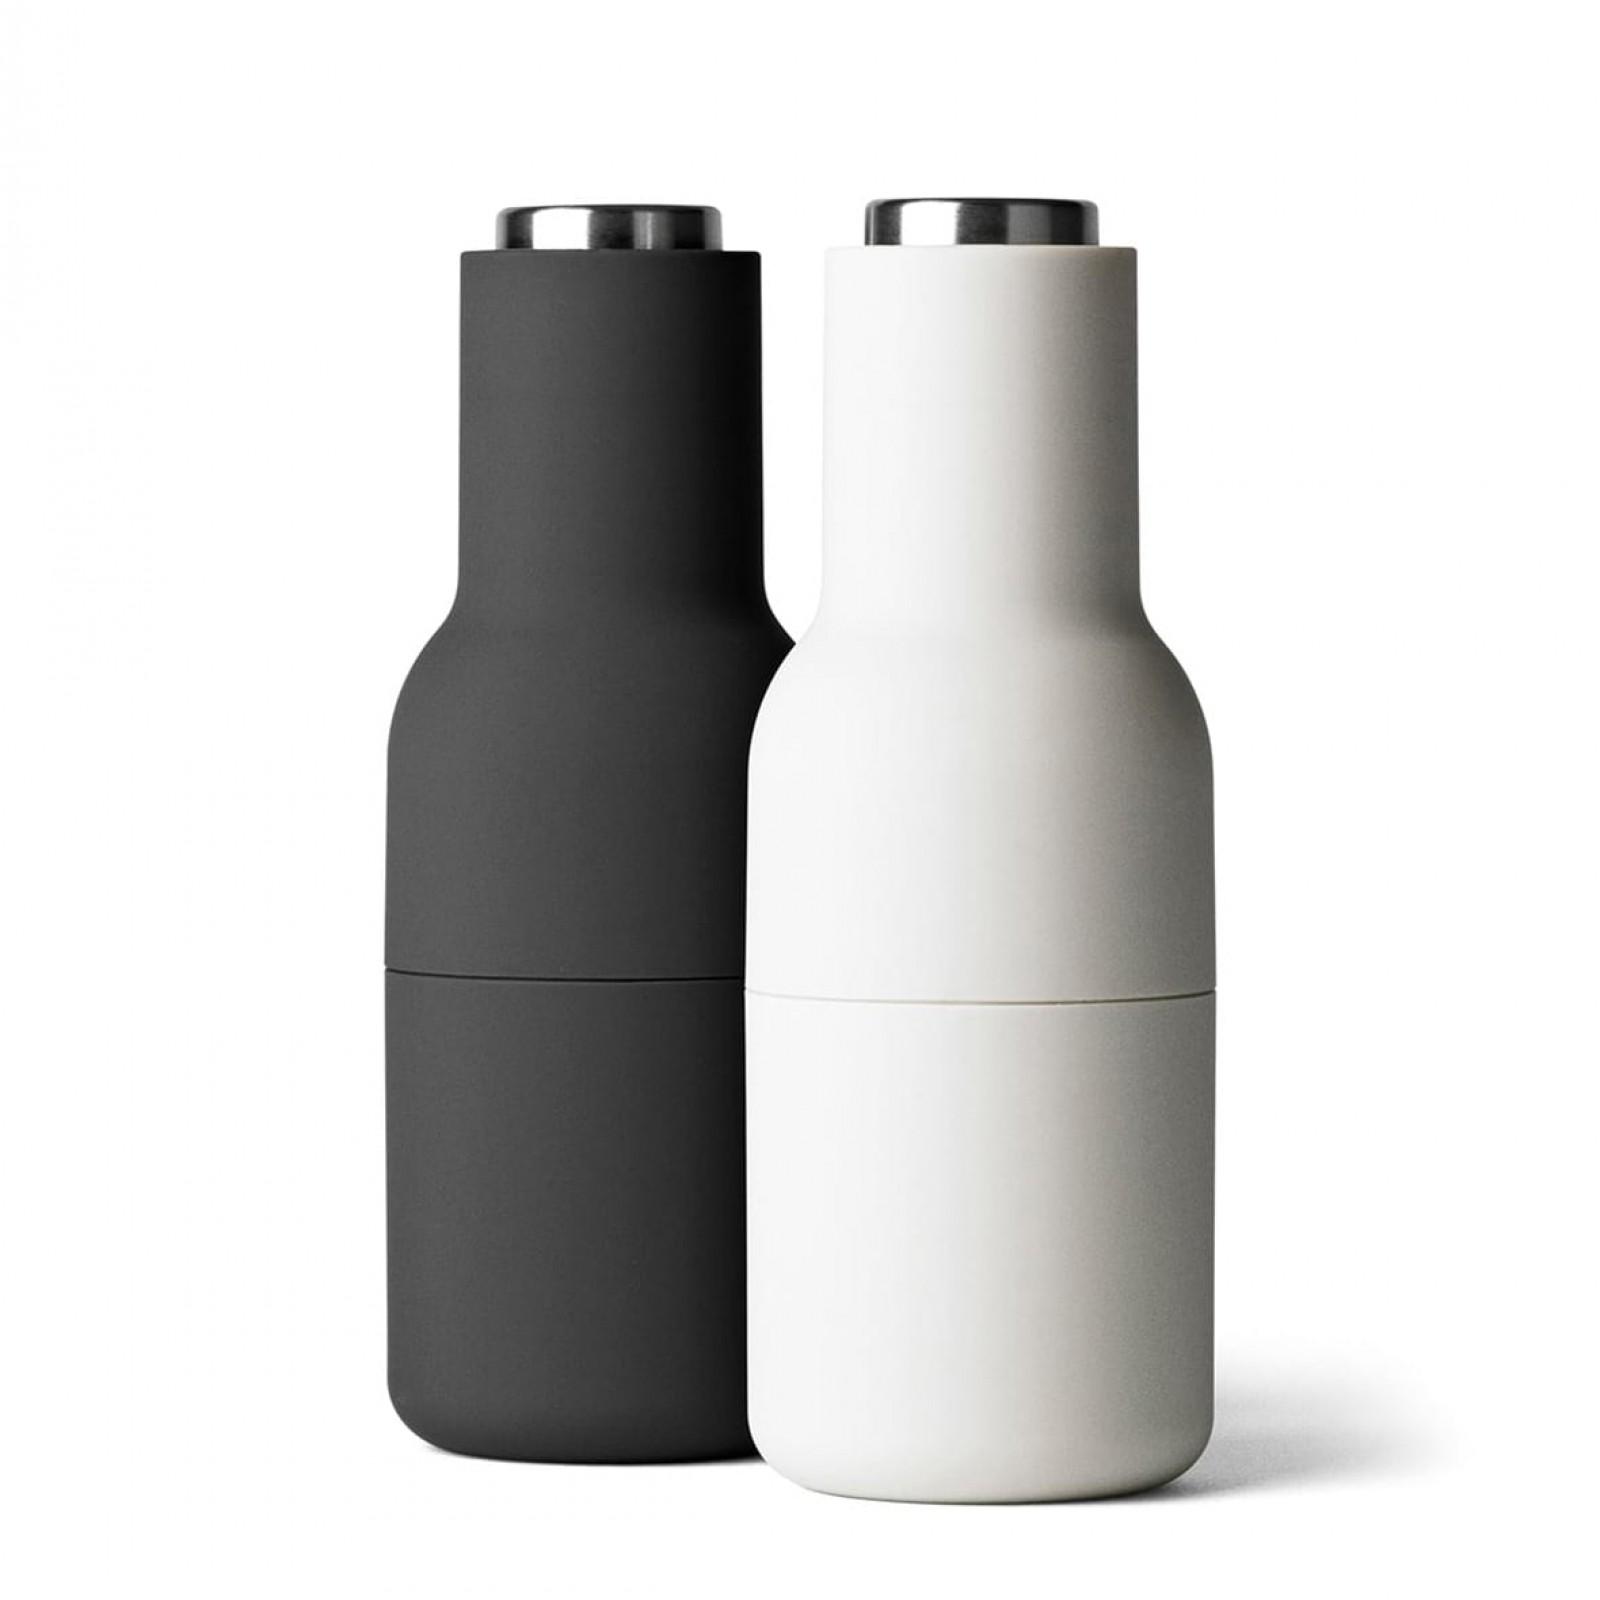 Bottle Grinder Salt & Pepper Mill Set (Ash / Carbon / Steel Lid) - Menu